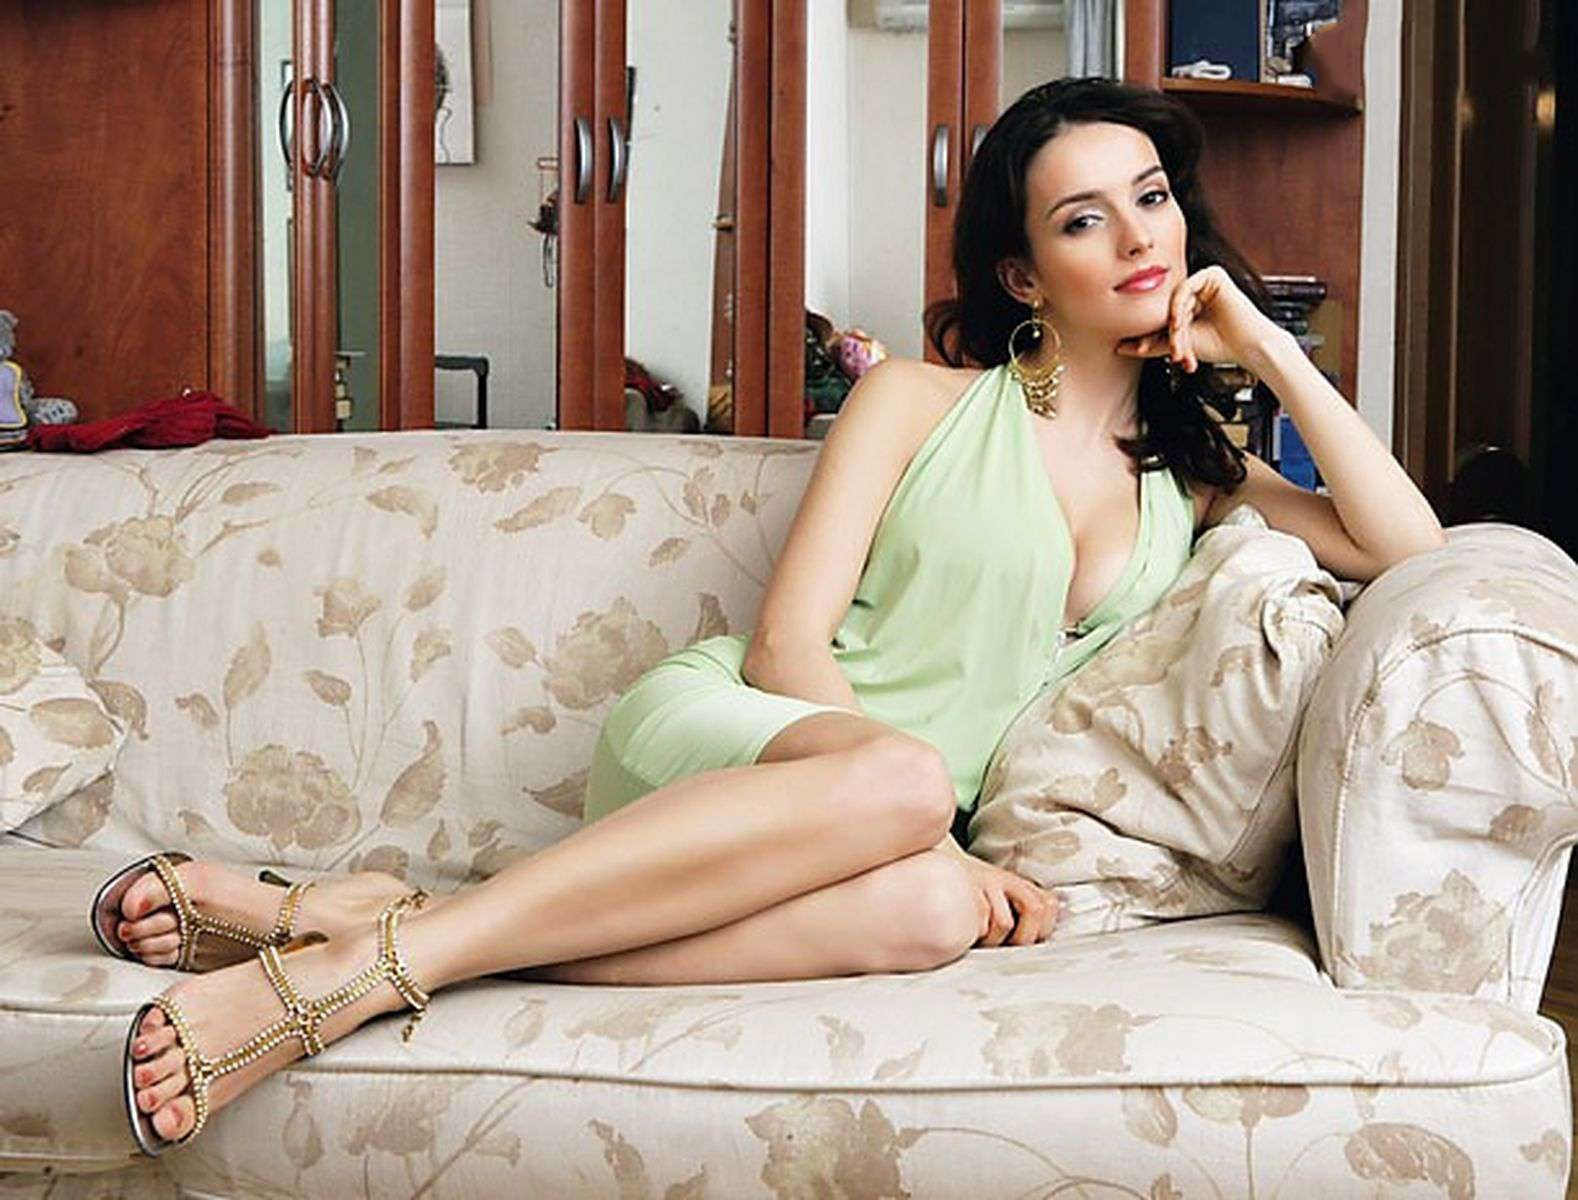 Долгий путь к собственной квартире: история Юлии Зиминой